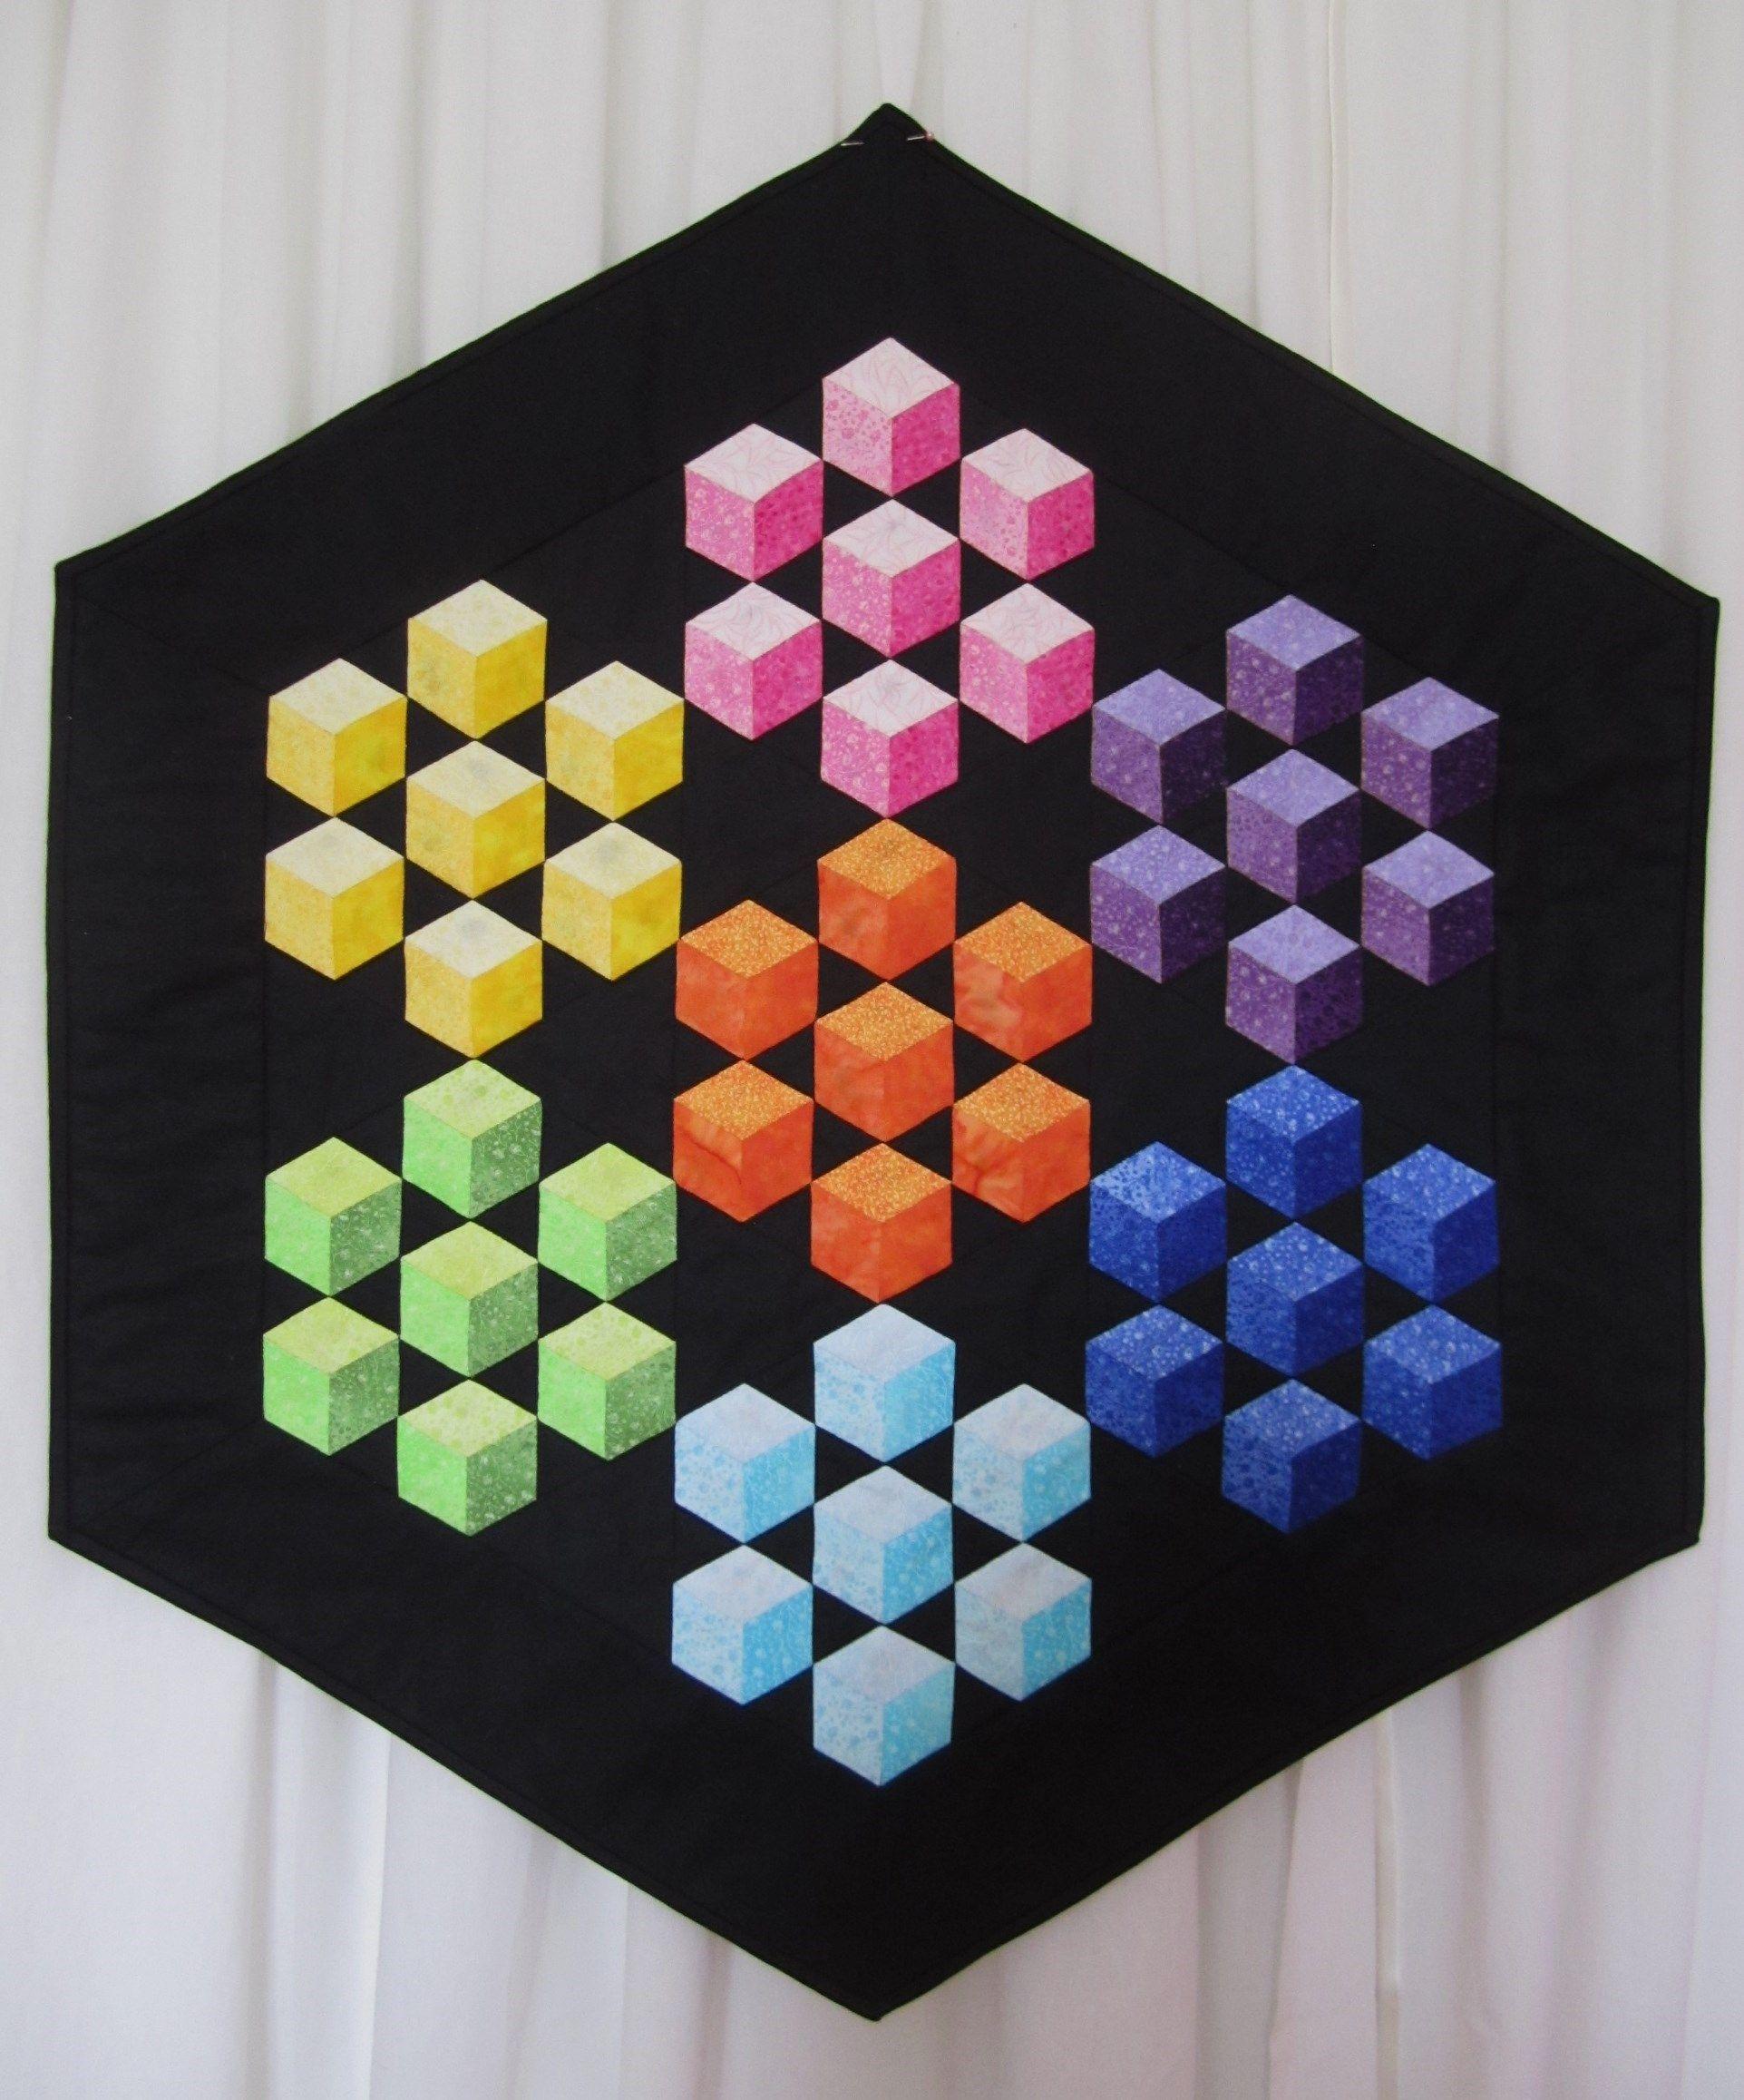 Pin by julie deisinger on EPP quilts | Tumbling blocks quilt